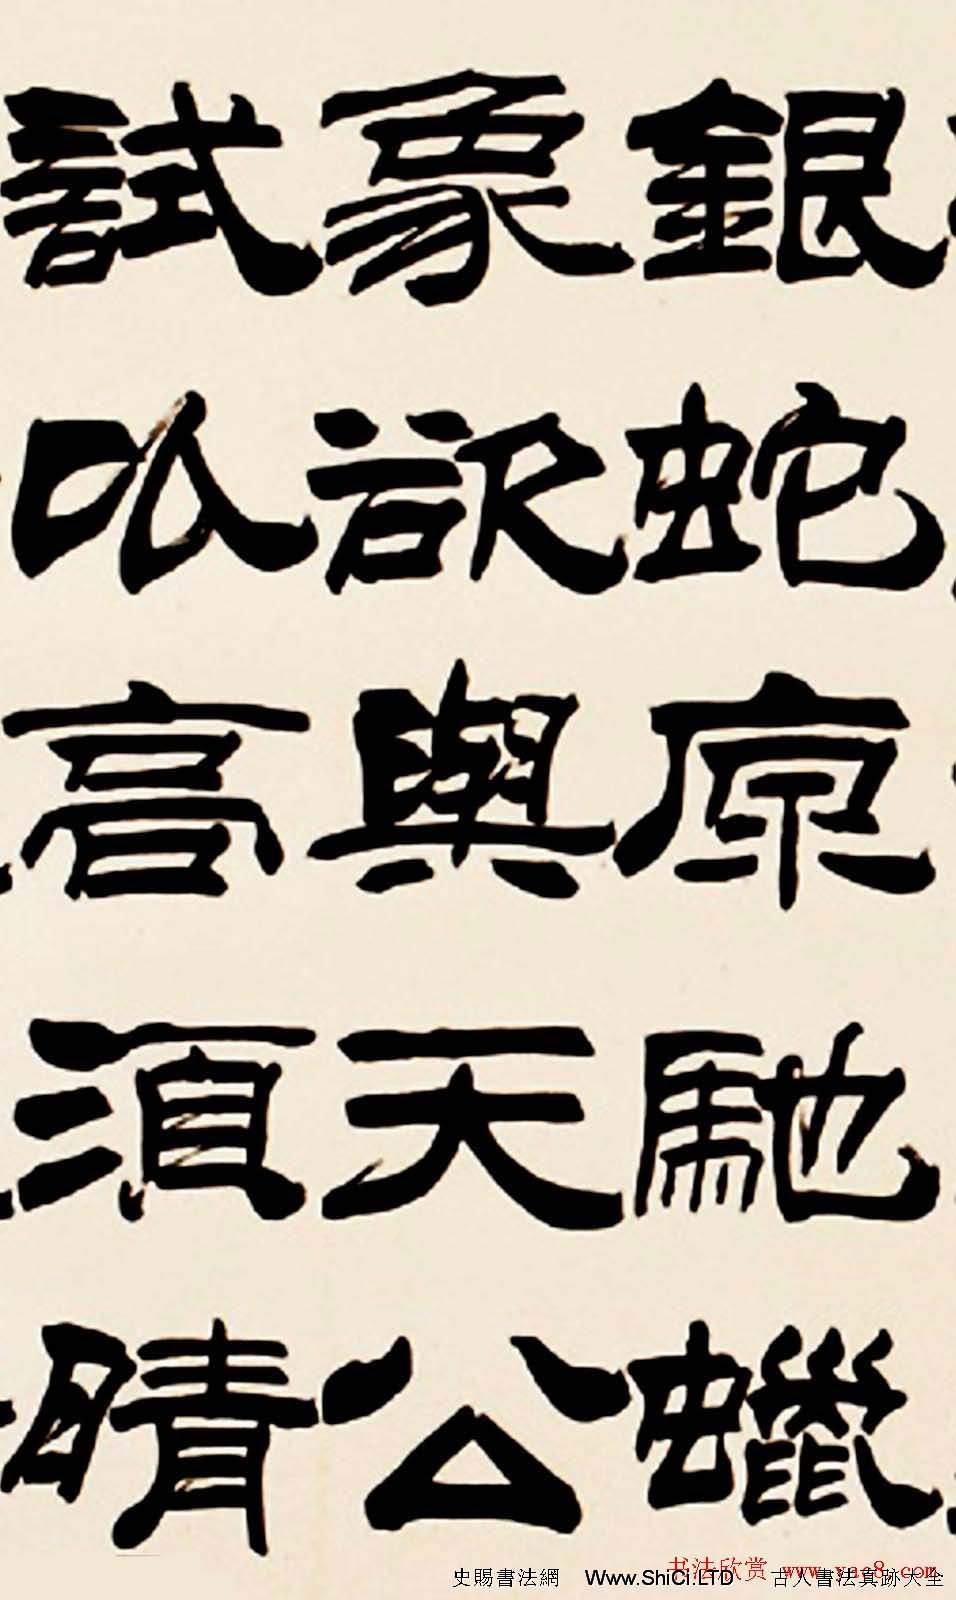 劉炳森隸書欣賞《沁園春雪》